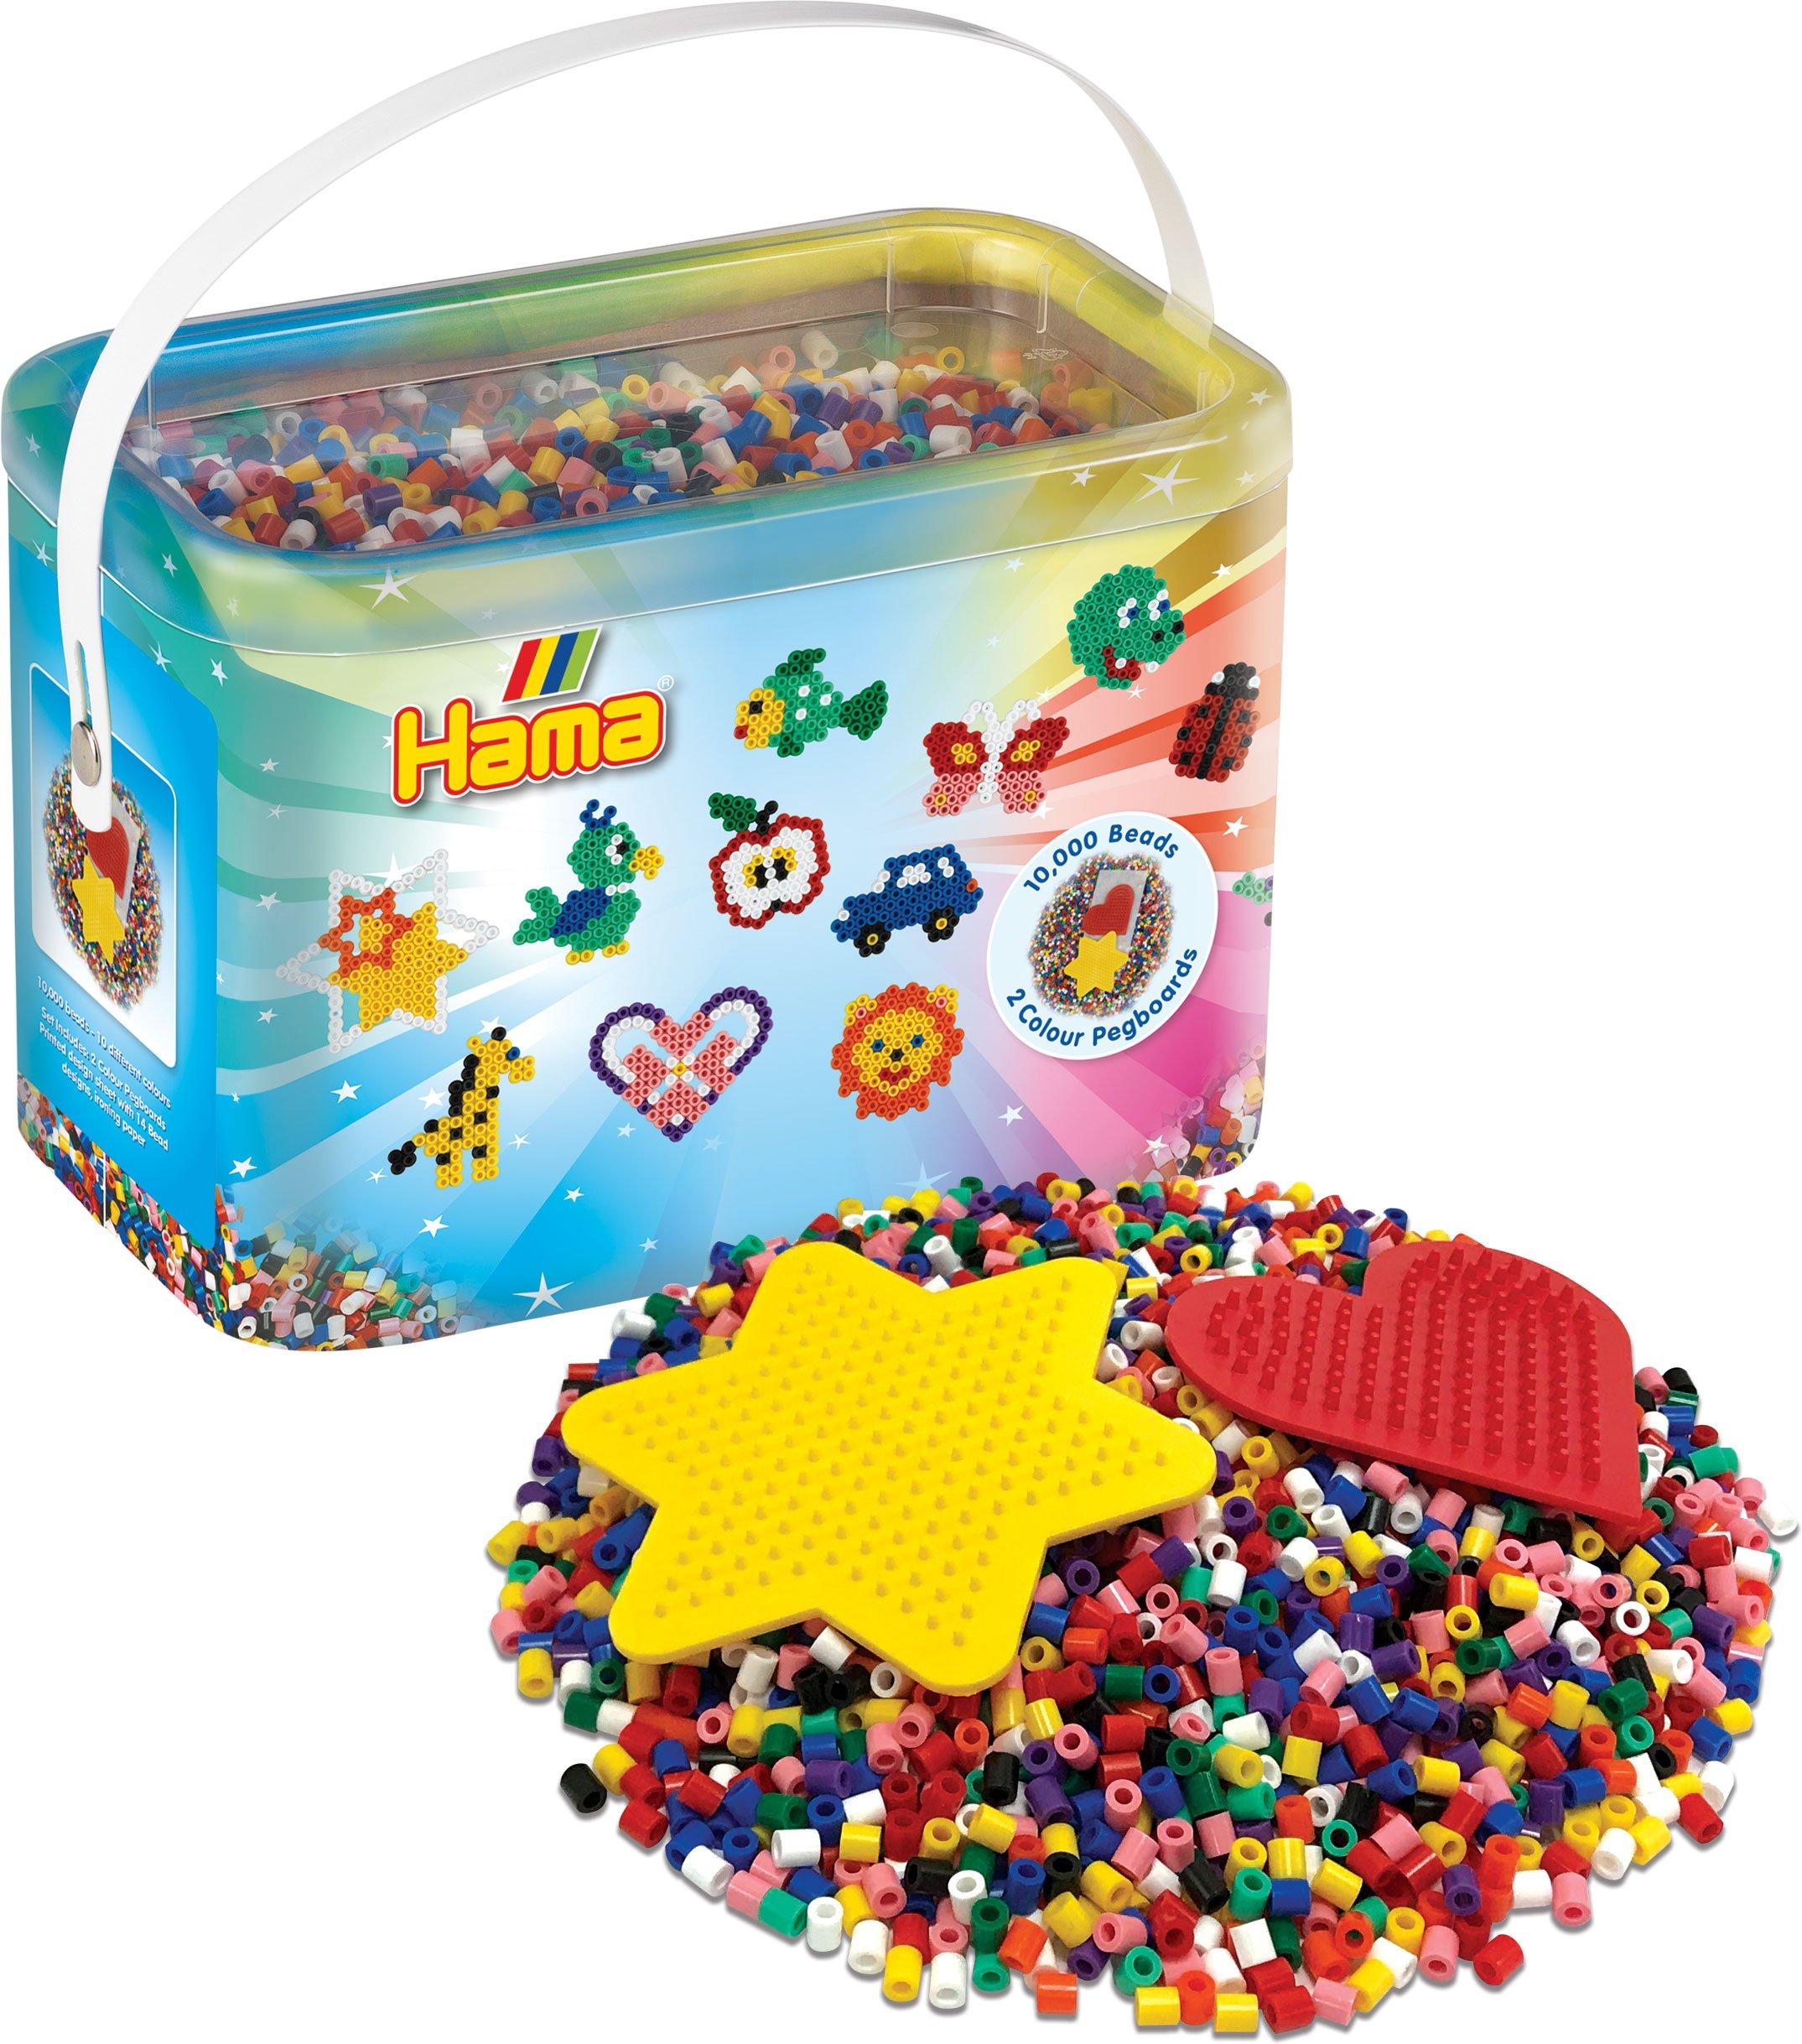 Hama 10.000 Cuentas y 2 tableros de Clavijas de Colores en Cubo, Multicolor, 10,000 Beads (10.202UK18): Amazon.es: Juguetes y juegos